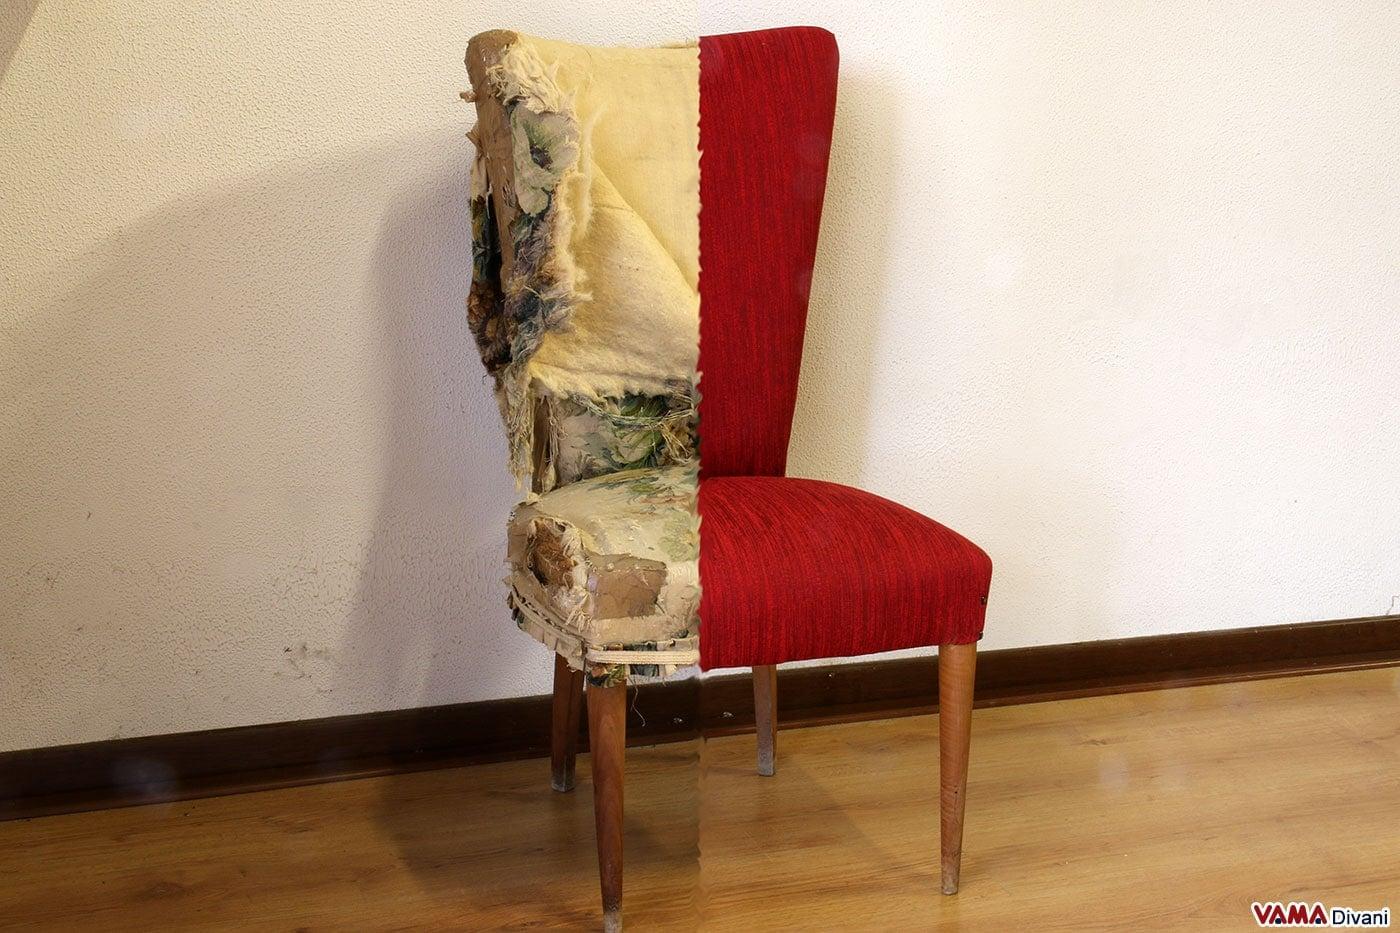 Sedie antiche da restaurare fy68 regardsdefemmes for Rivestire una vecchia poltrona